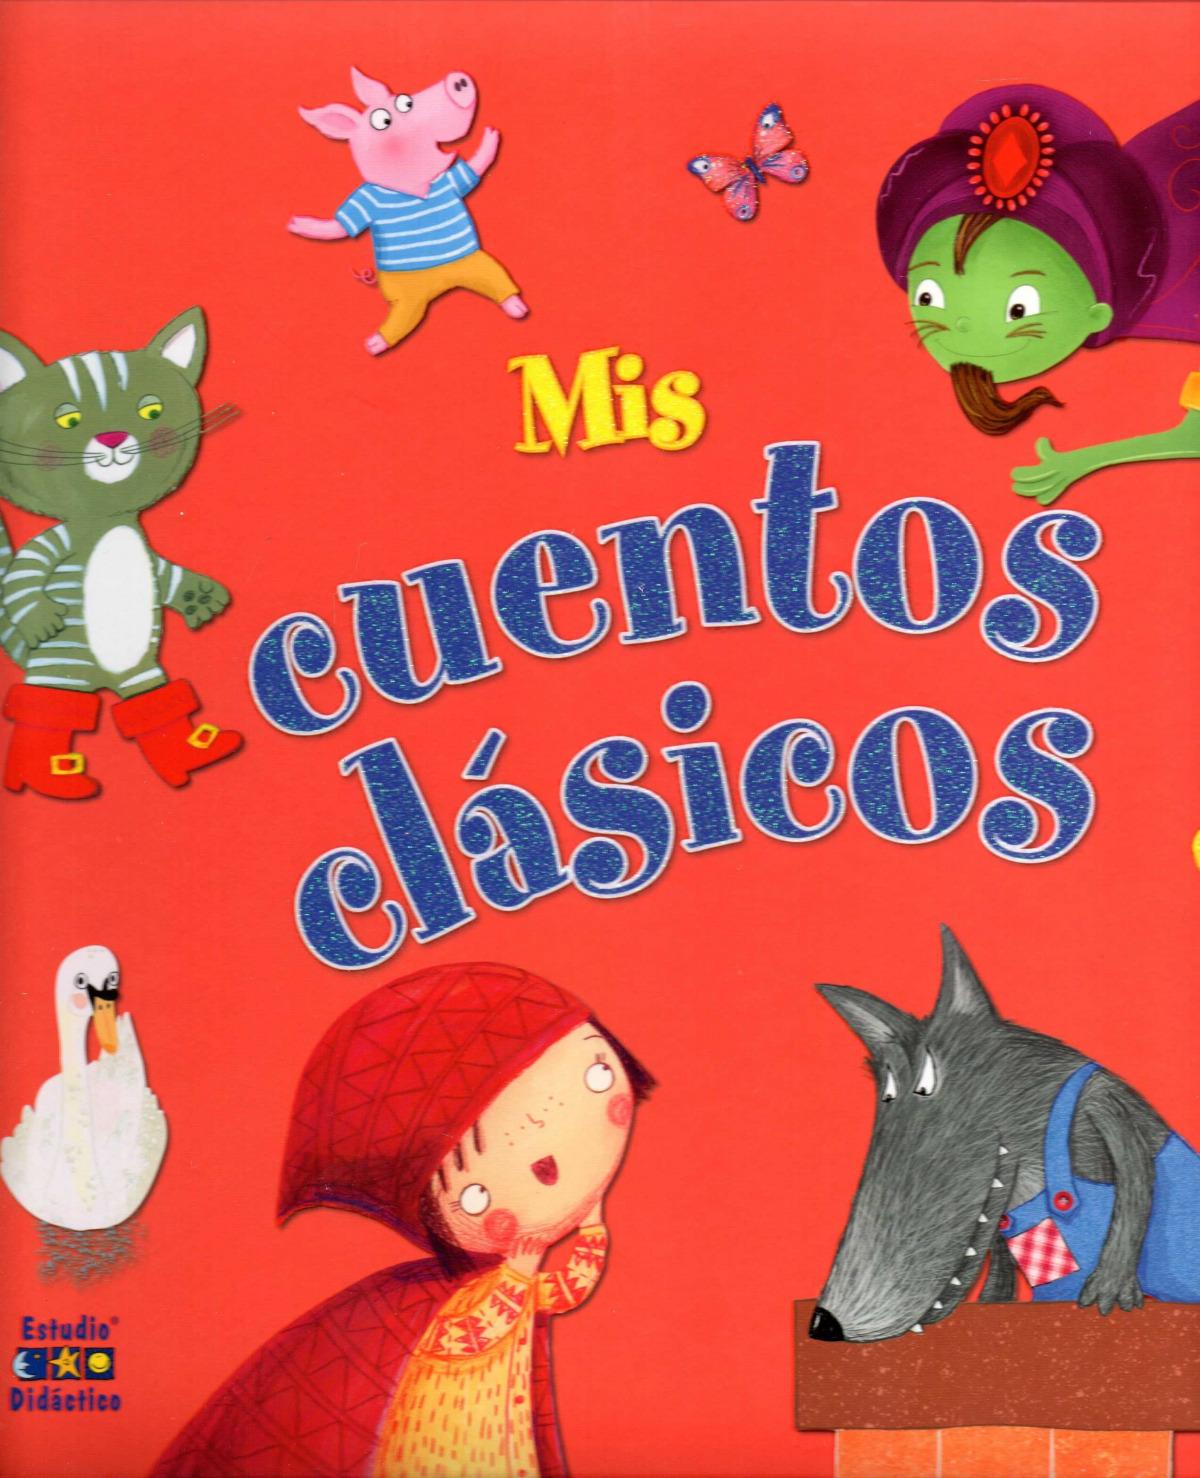 Mis cuentos clásicos